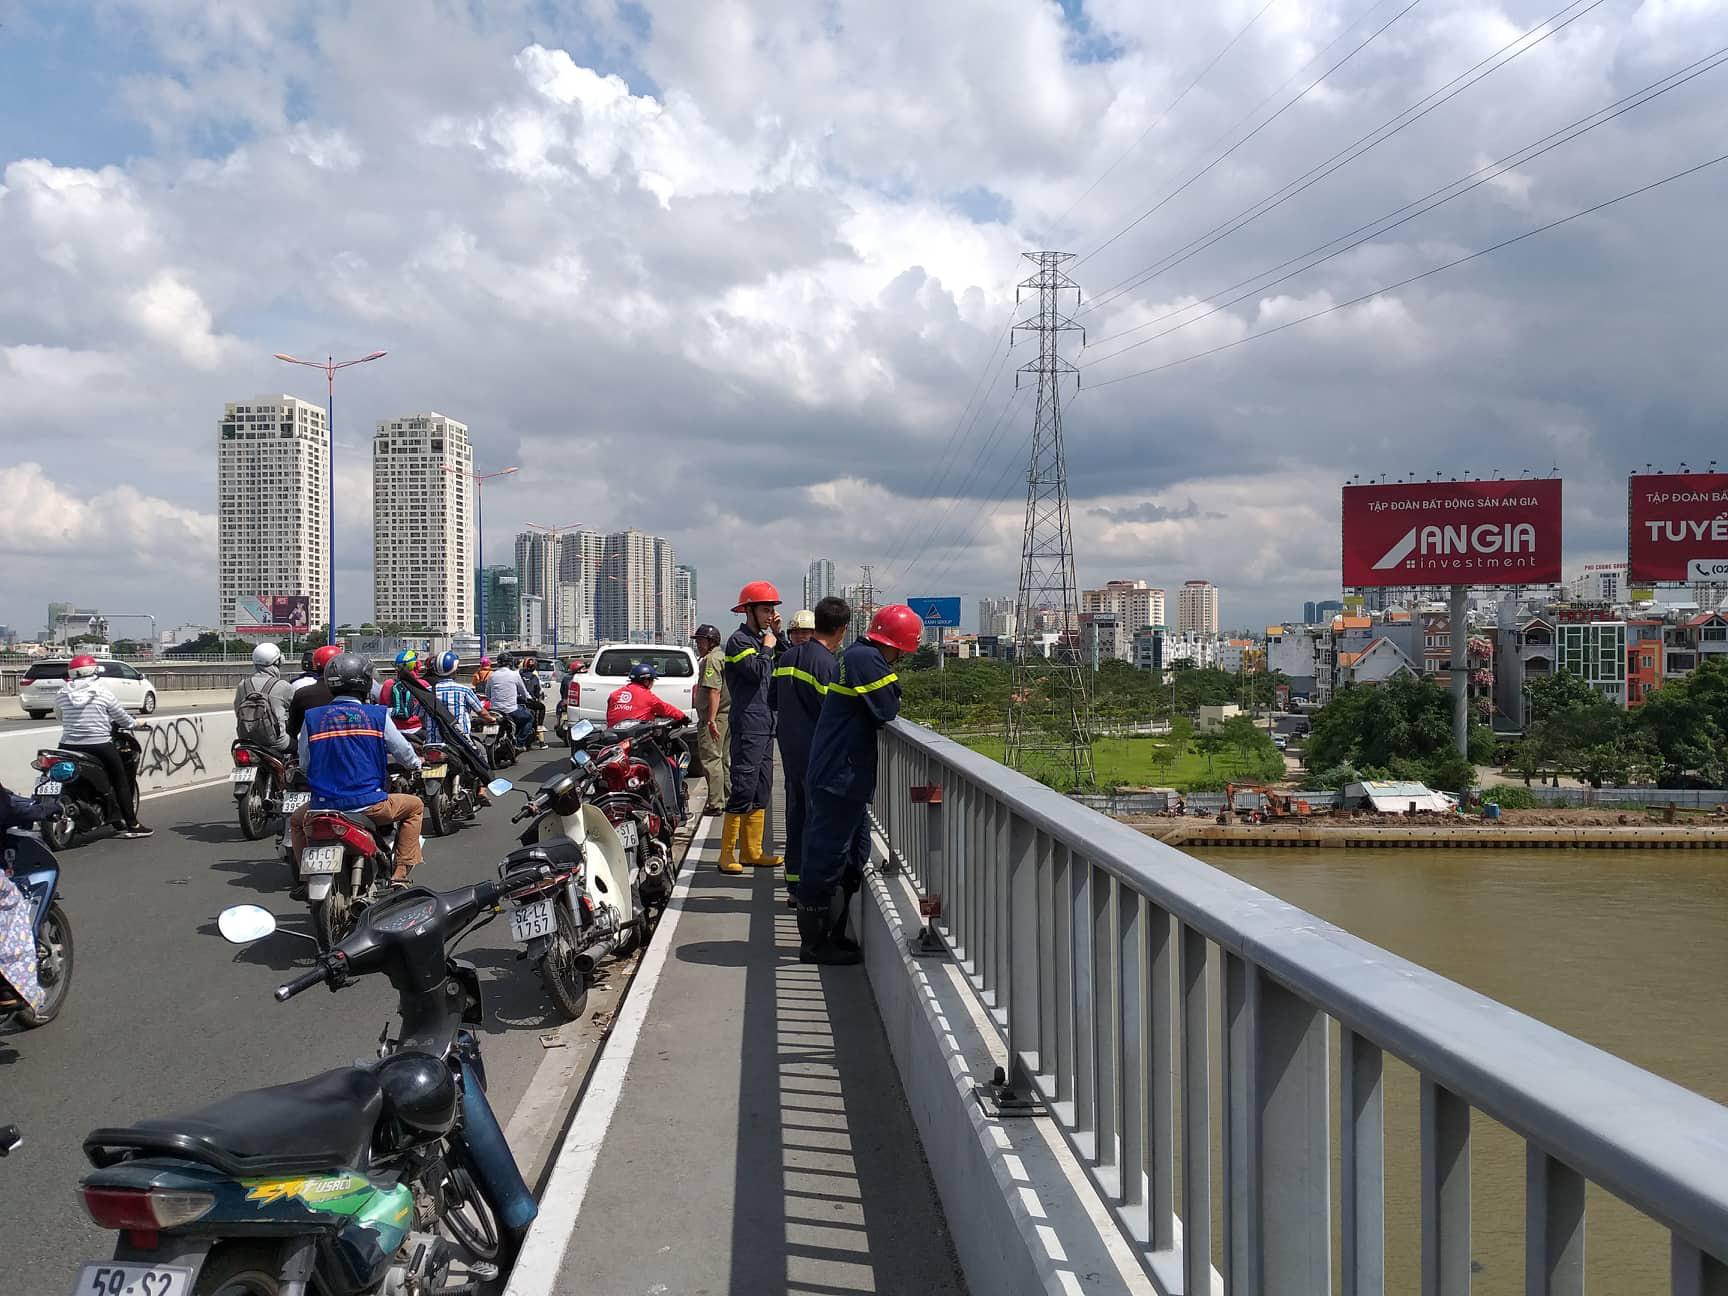 Bỏ vợ lại trên cầu, người đàn ông quê Gia Lai nhảy cầu Sài Gòn mất tích - Ảnh 1.